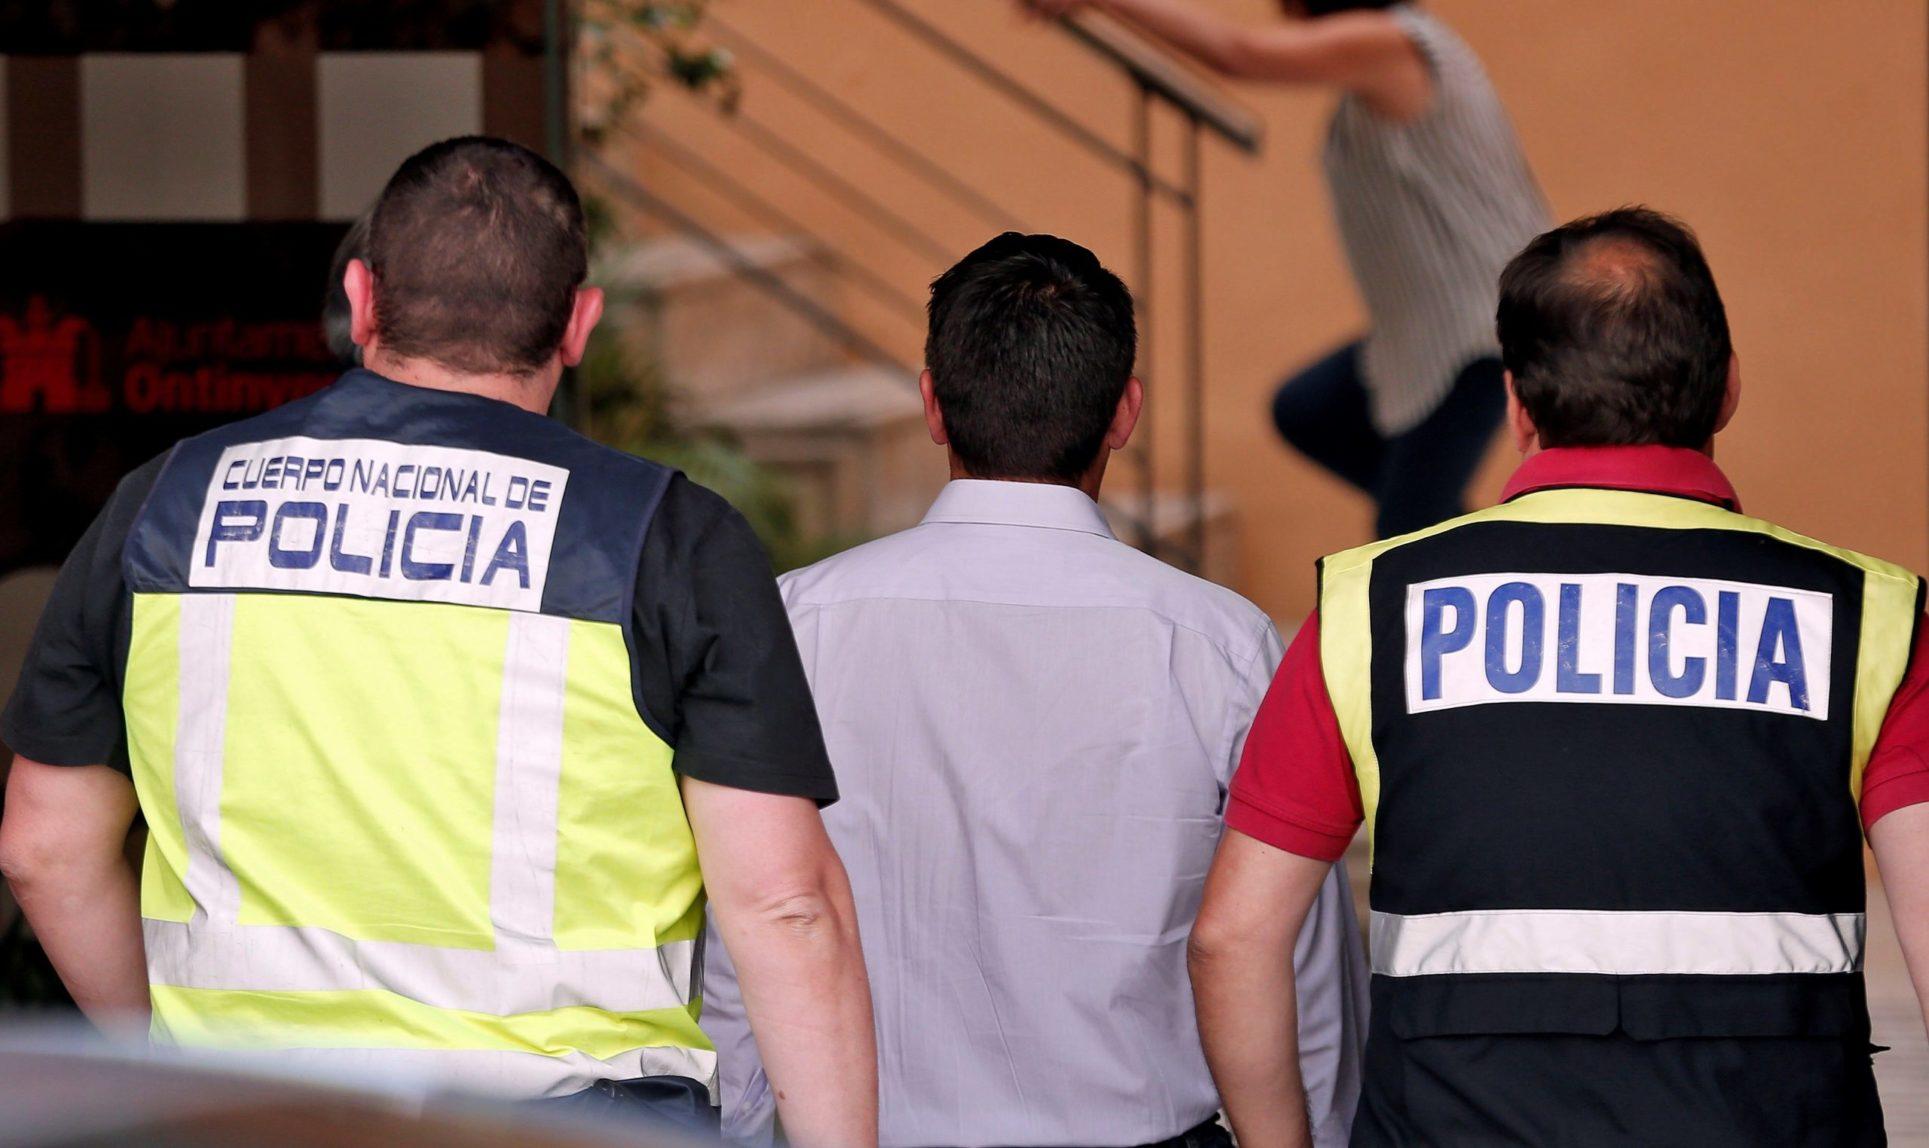 L'alcalde d'Ontinyent, detingut El Periòdic d'Ontinyent